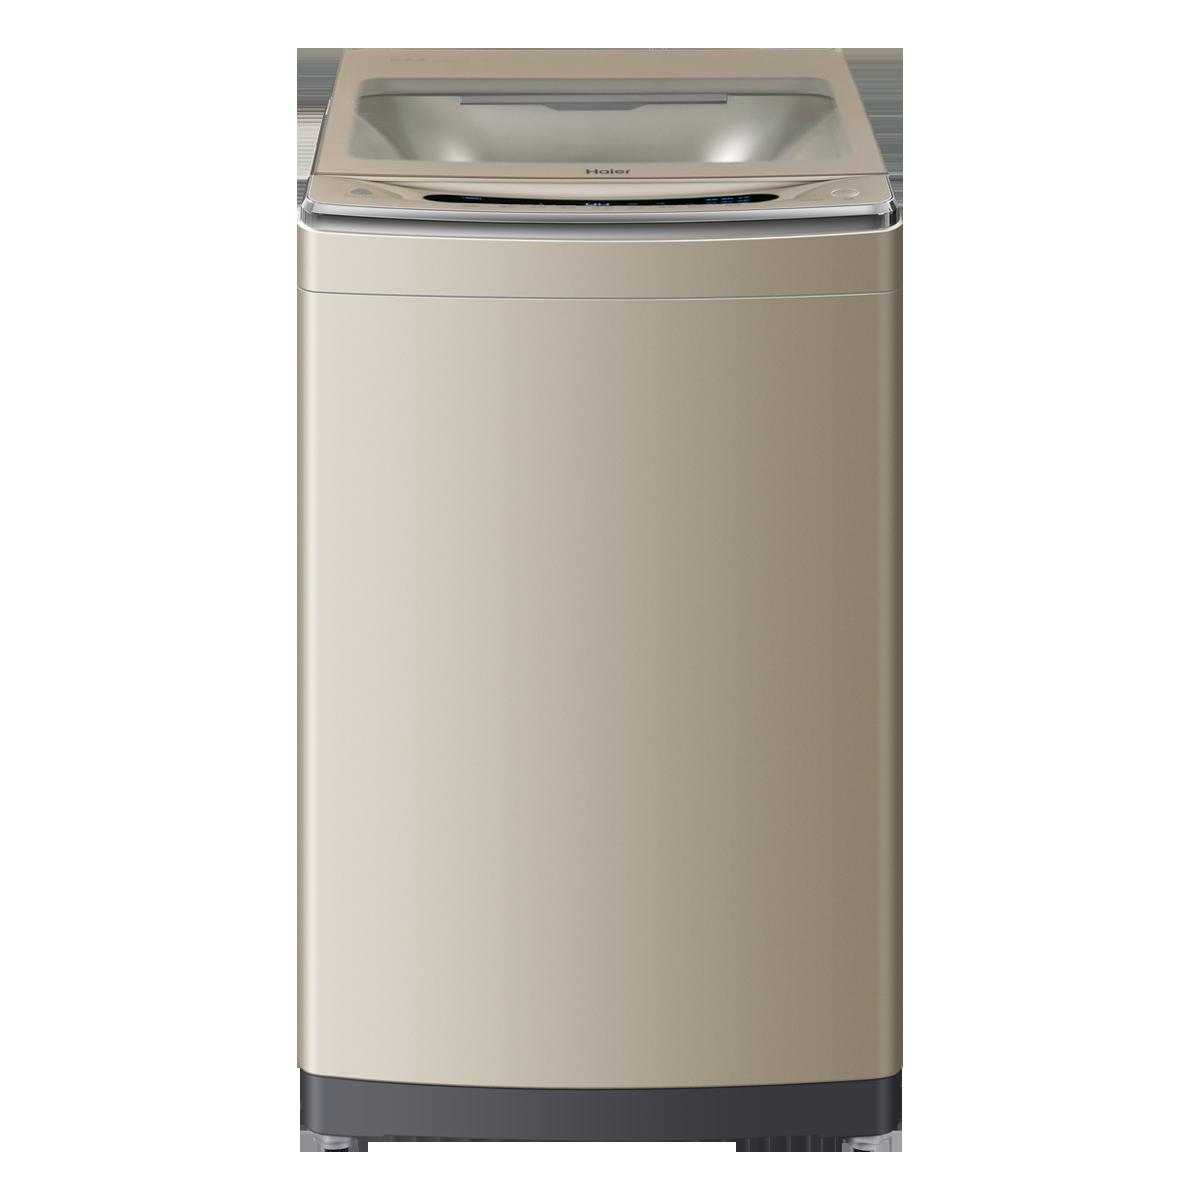 海尔Haier洗衣机 MS8518BZ51 说明书